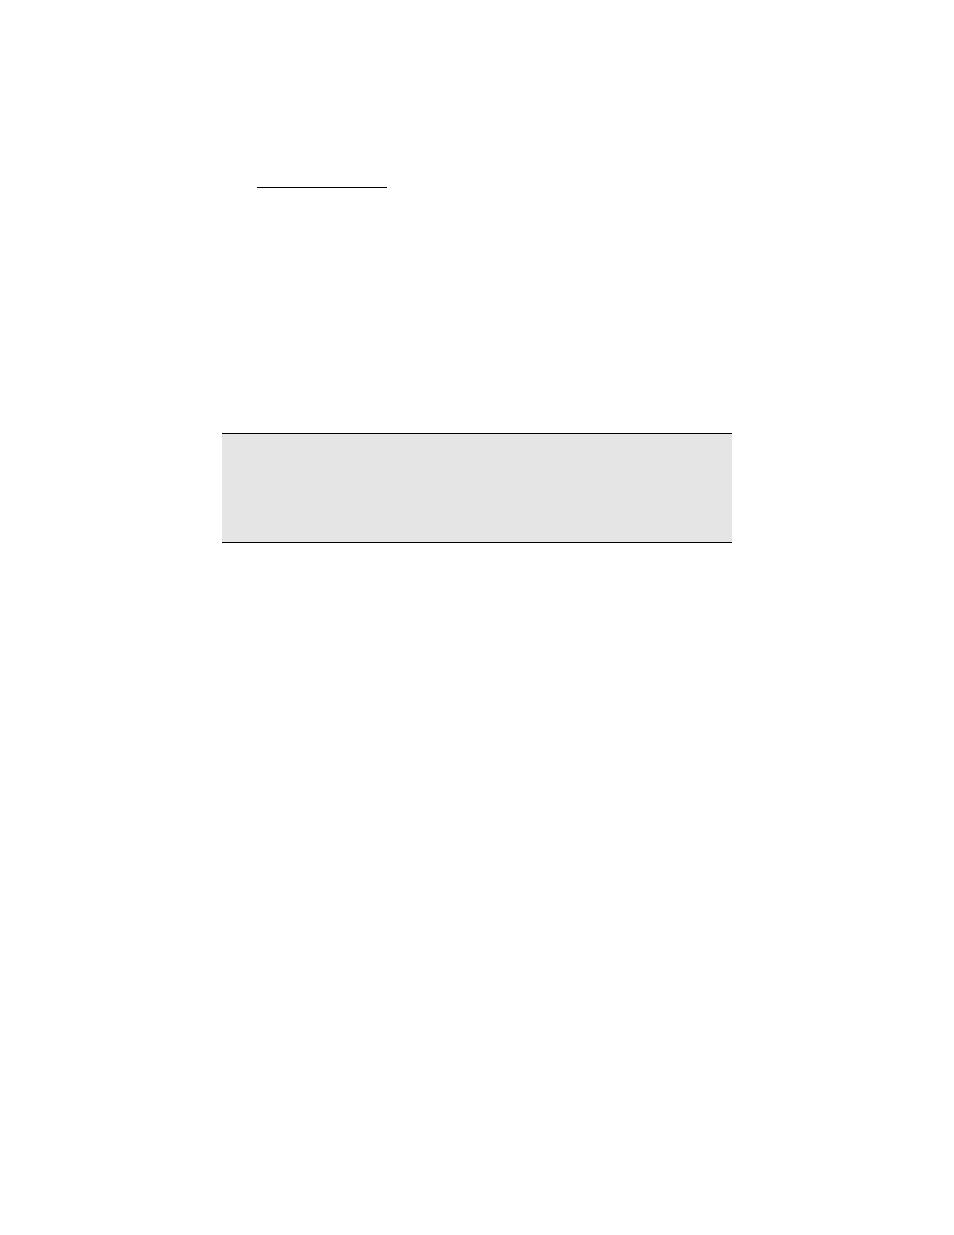 solar observations warning spectra precision survey pro v3 80 rh manualsdir com ipad user manual ios 11 ipad user manual on ebay